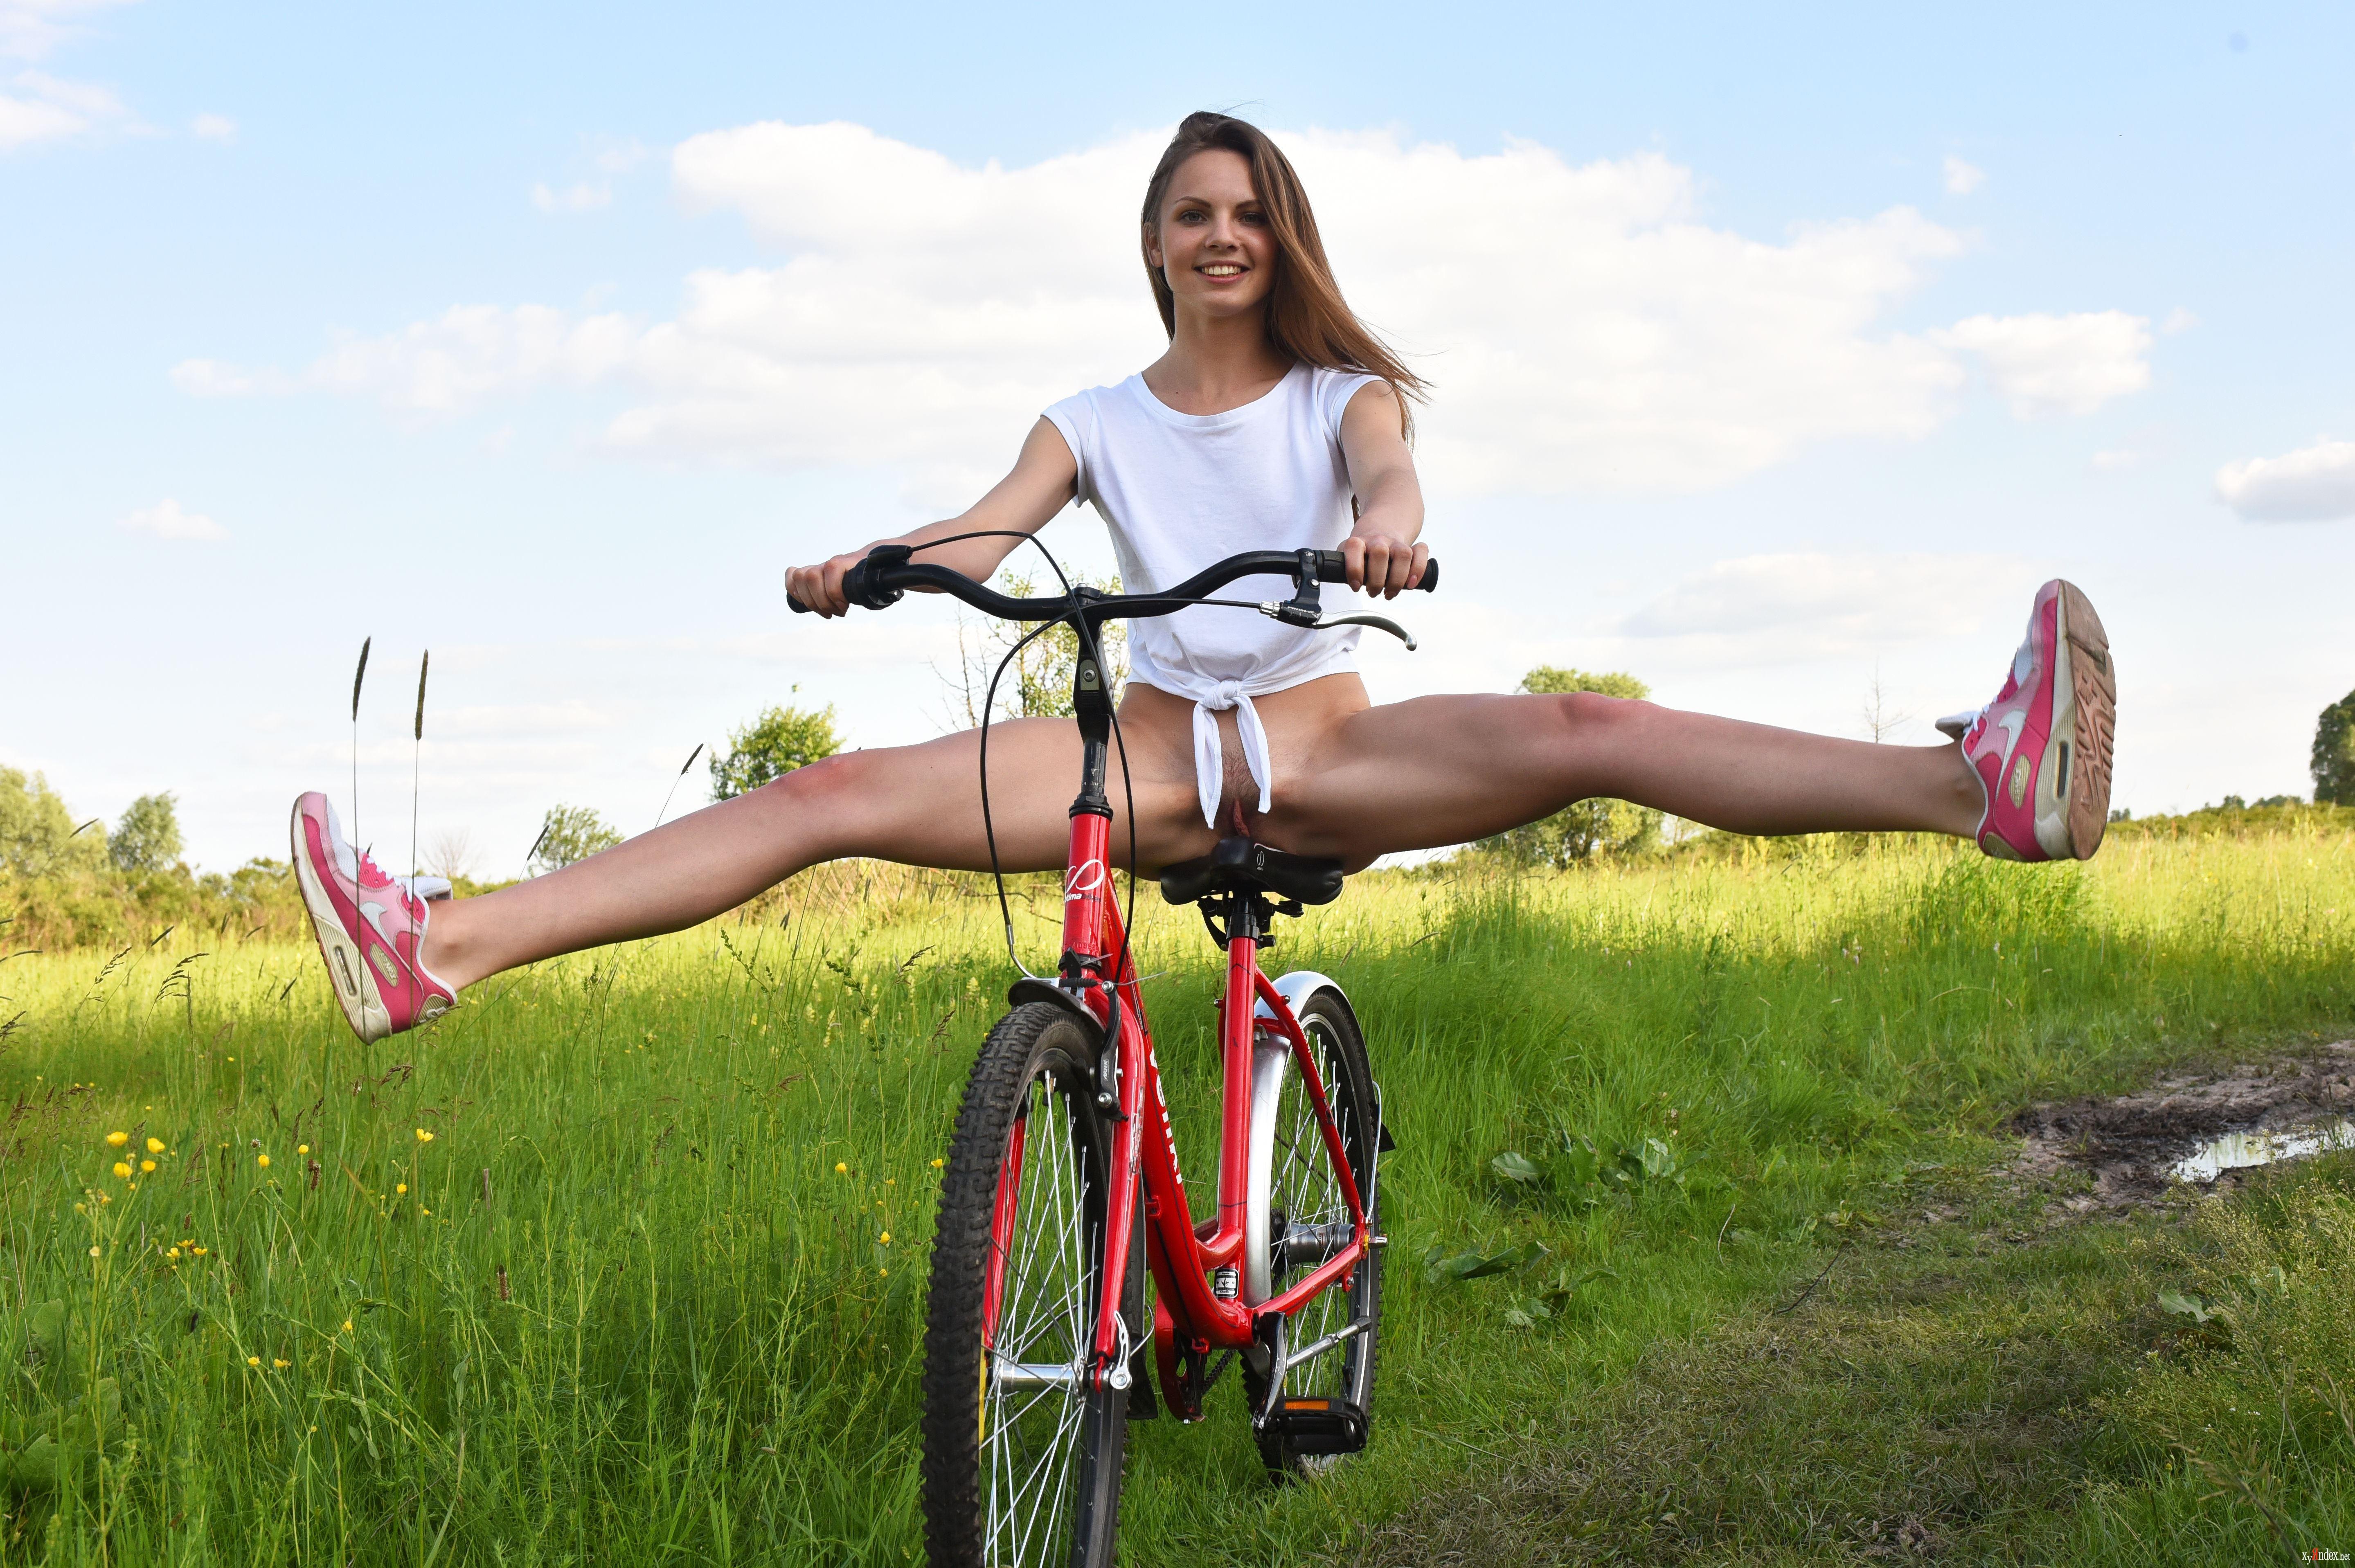 нравится когда фото эро на велосипеде очень рад